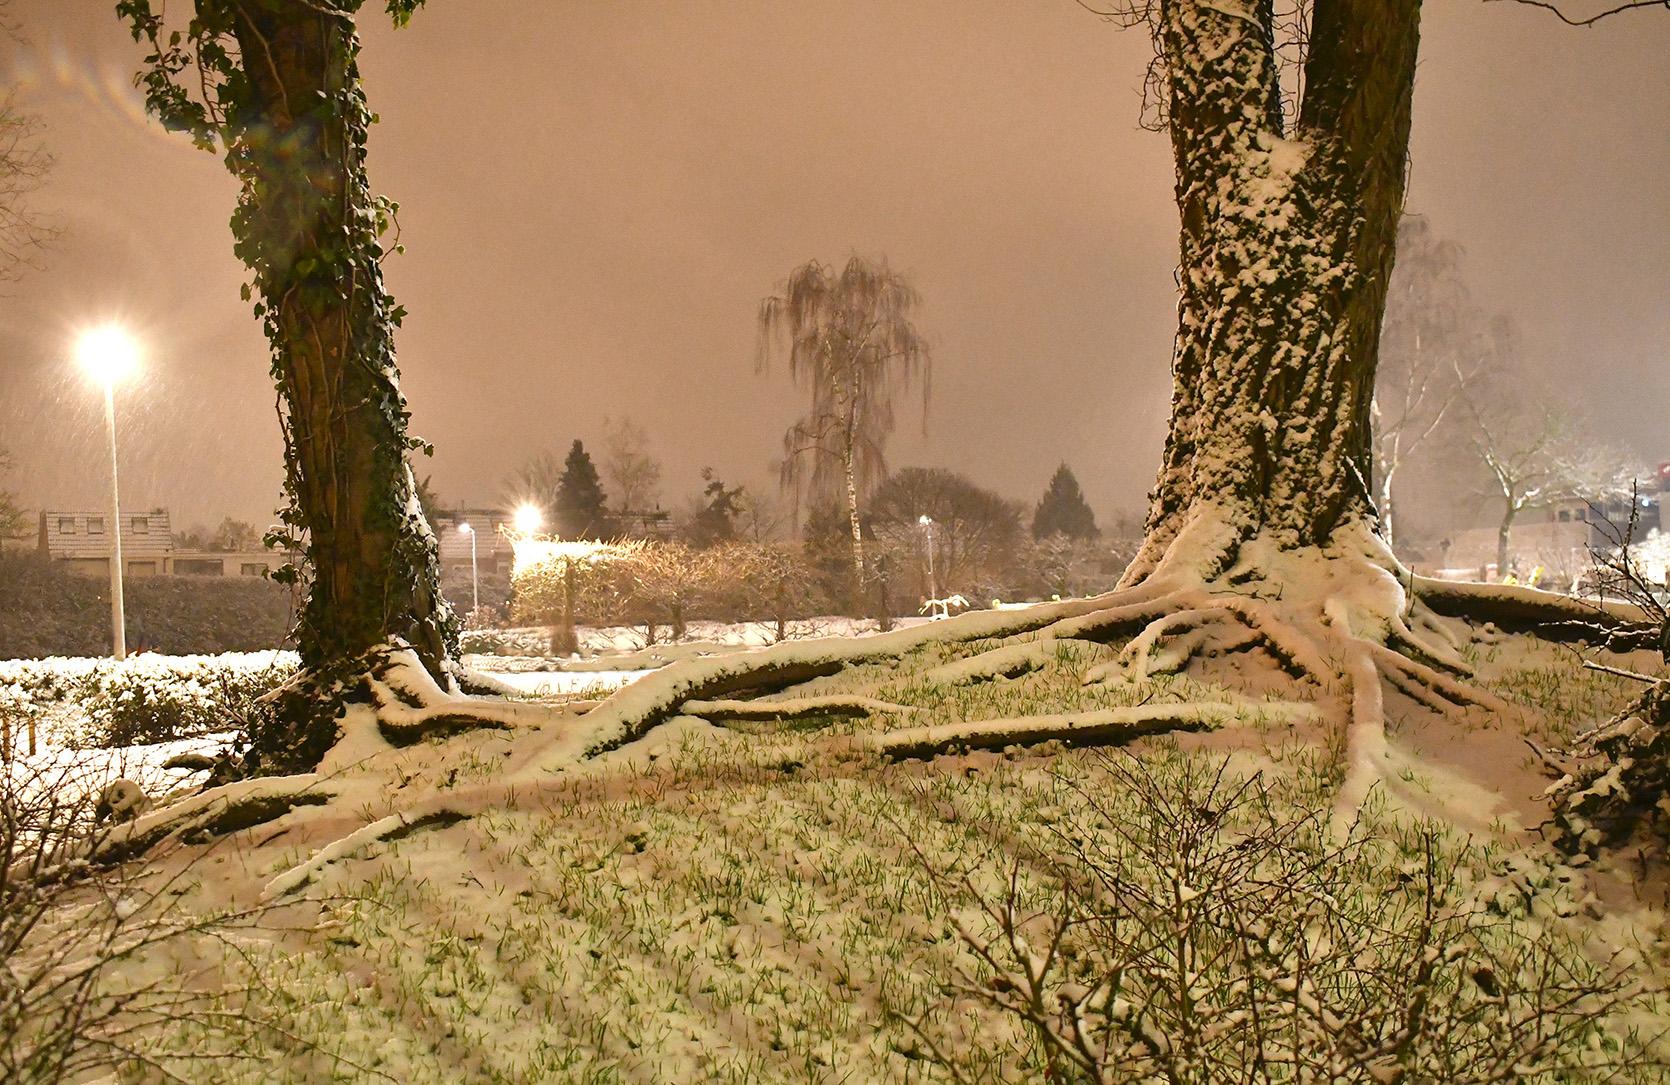 Toch heeft de sneeuw onze buurt omgetoverd tot een klein sprookje - Foto: ©Louis Fraanje